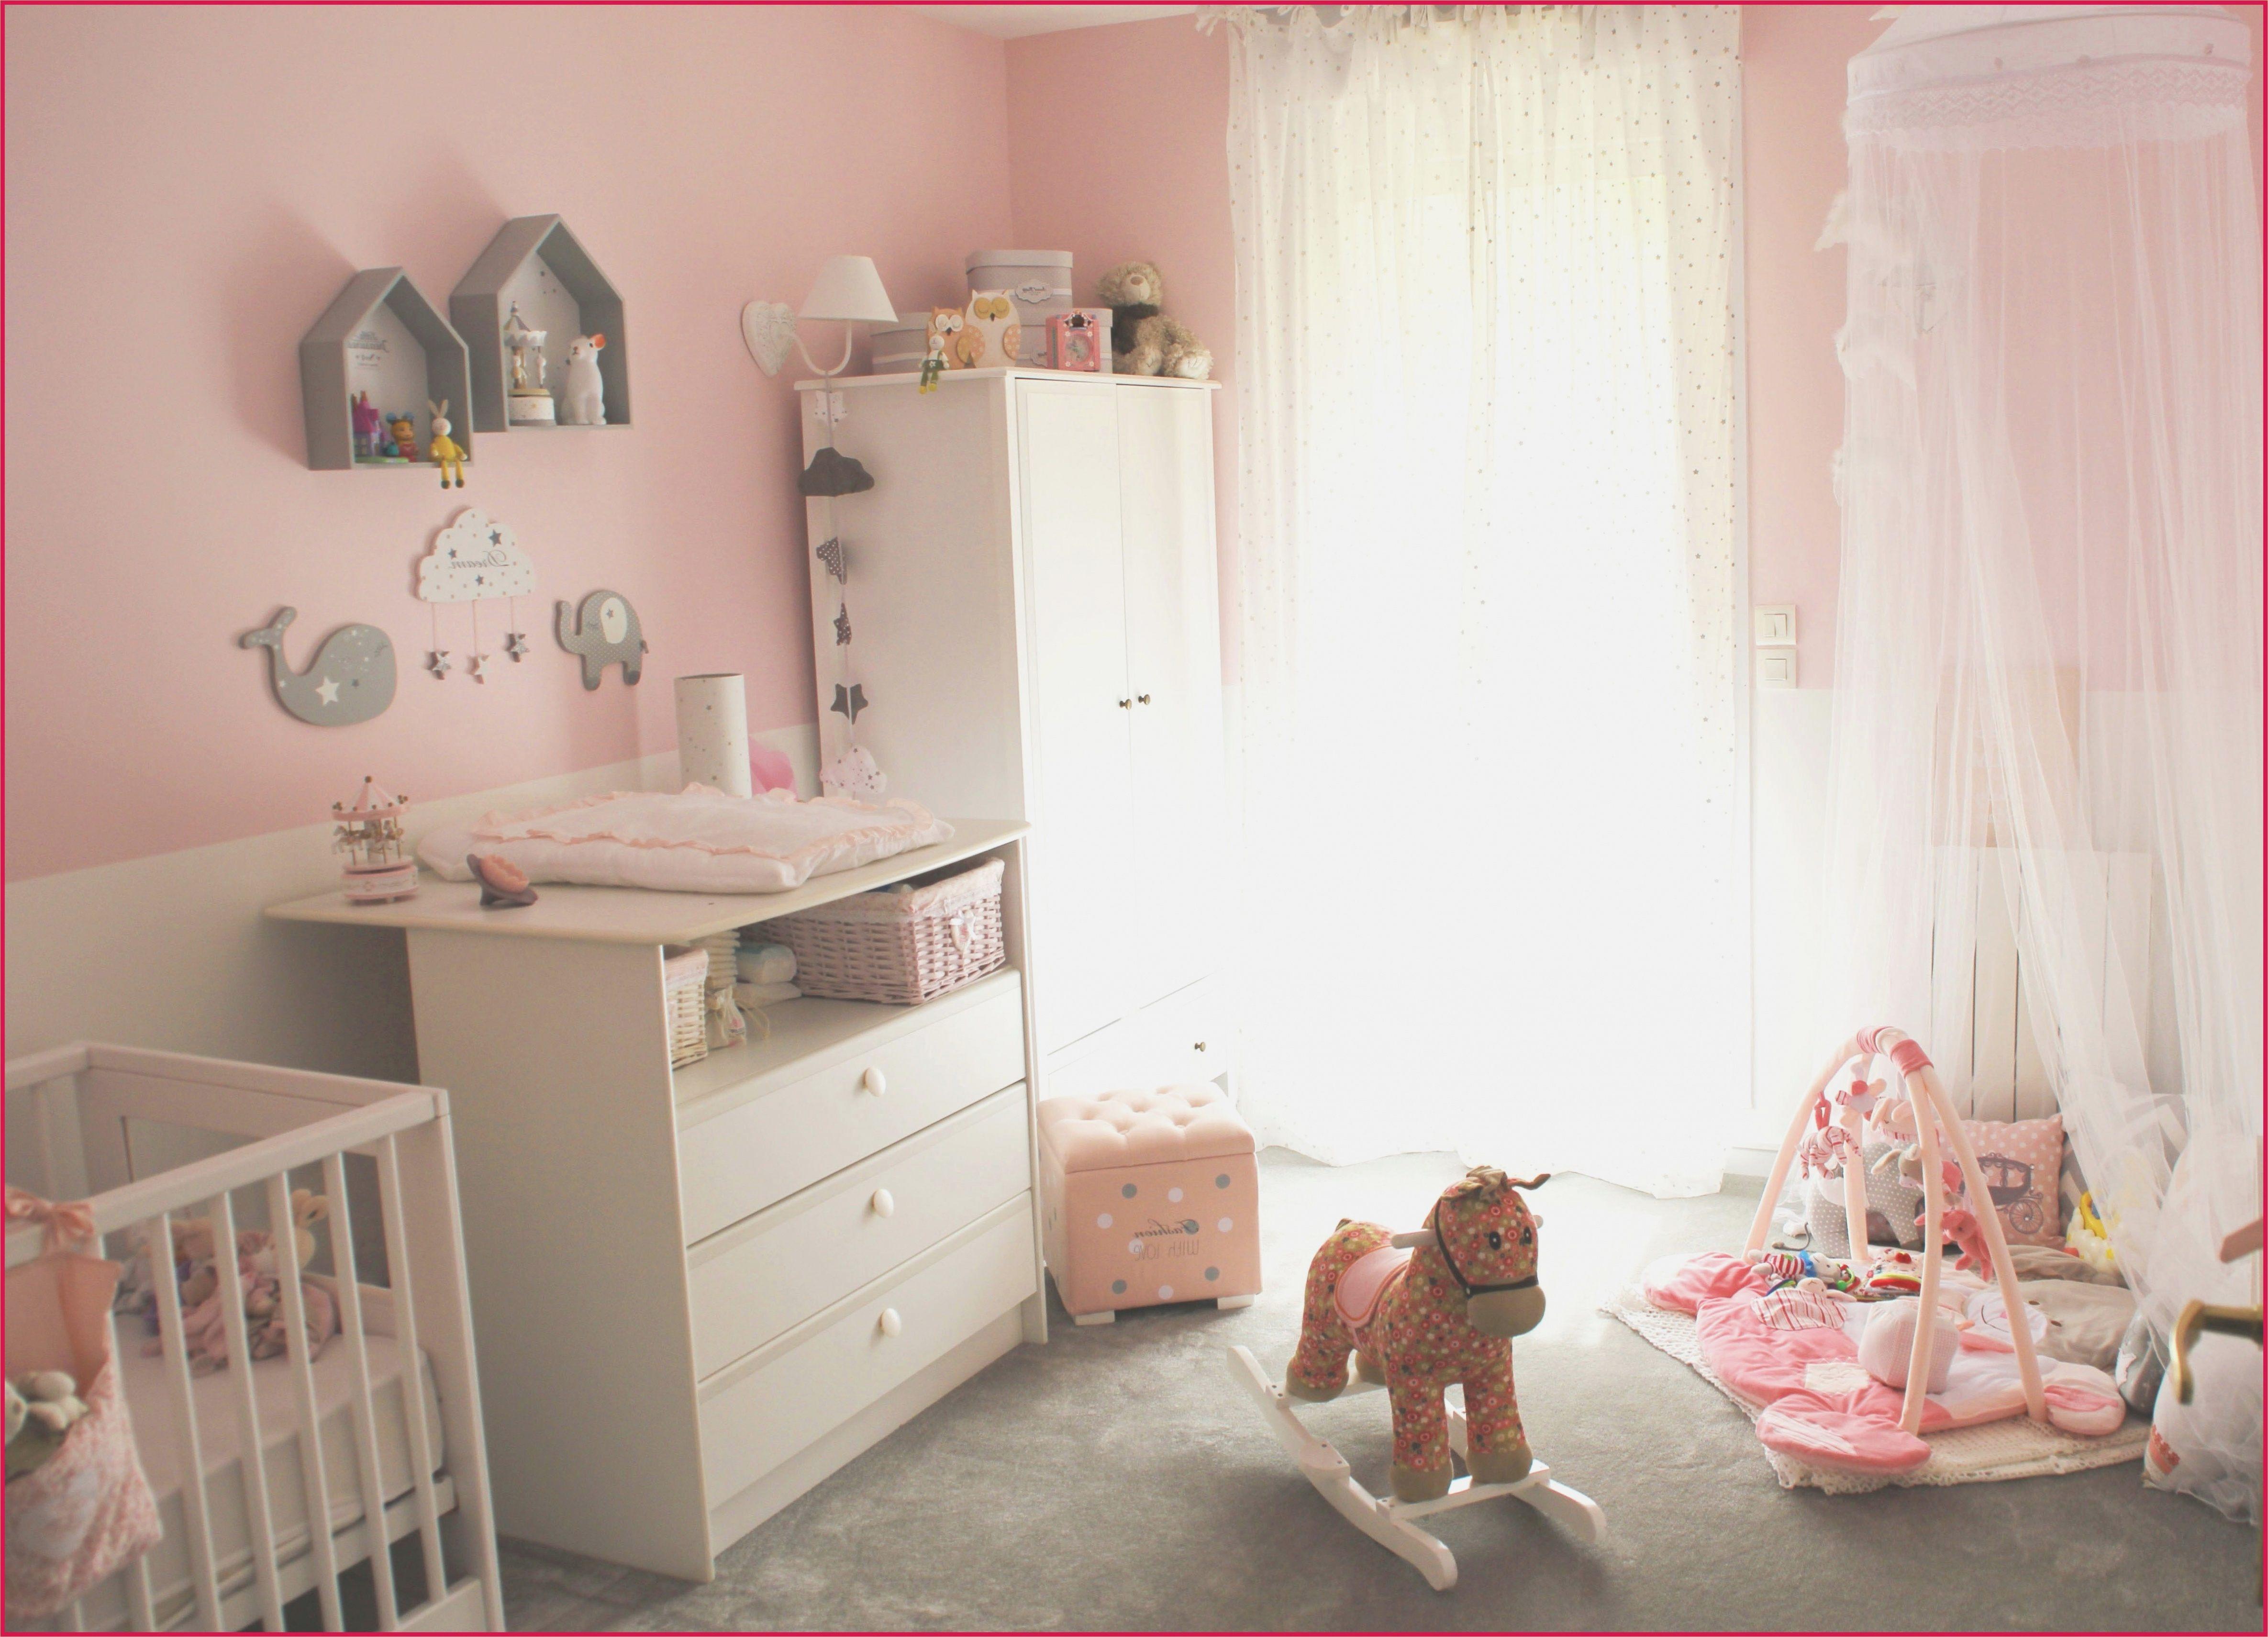 Parure De Lit Bébé Disney Impressionnant Maha De Rangement Chambre Bébé Mahagranda De Home